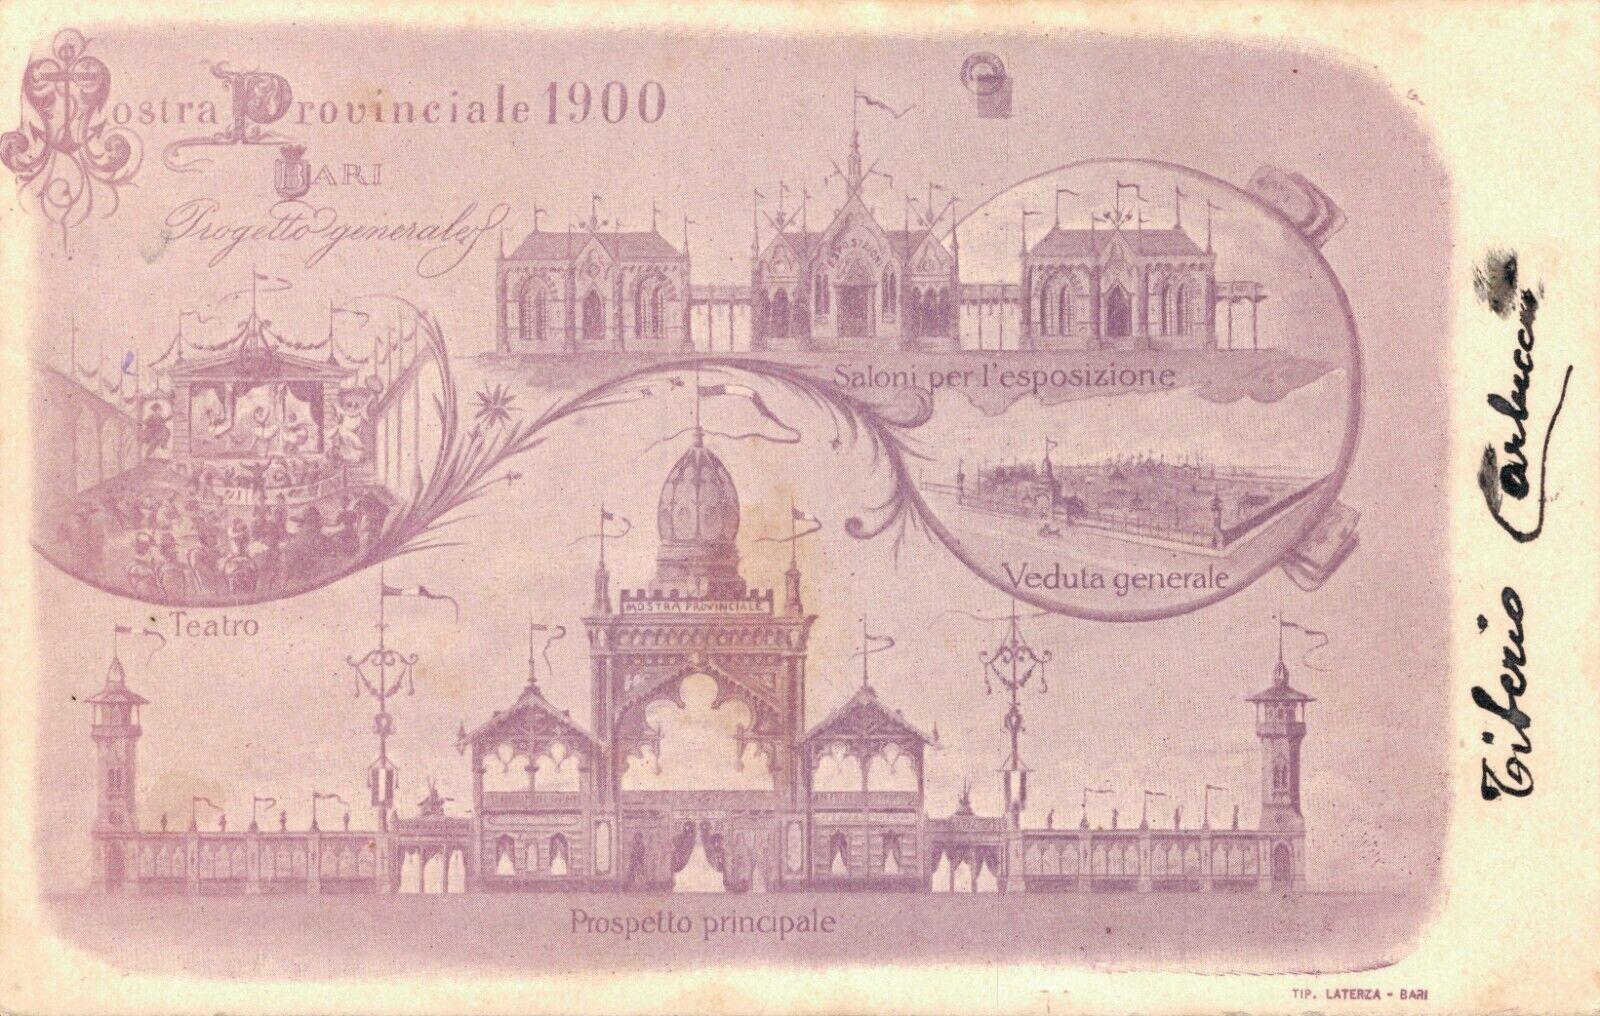 Italy Prospetto Principale 1900 Saloni per l'esposizione 04.29